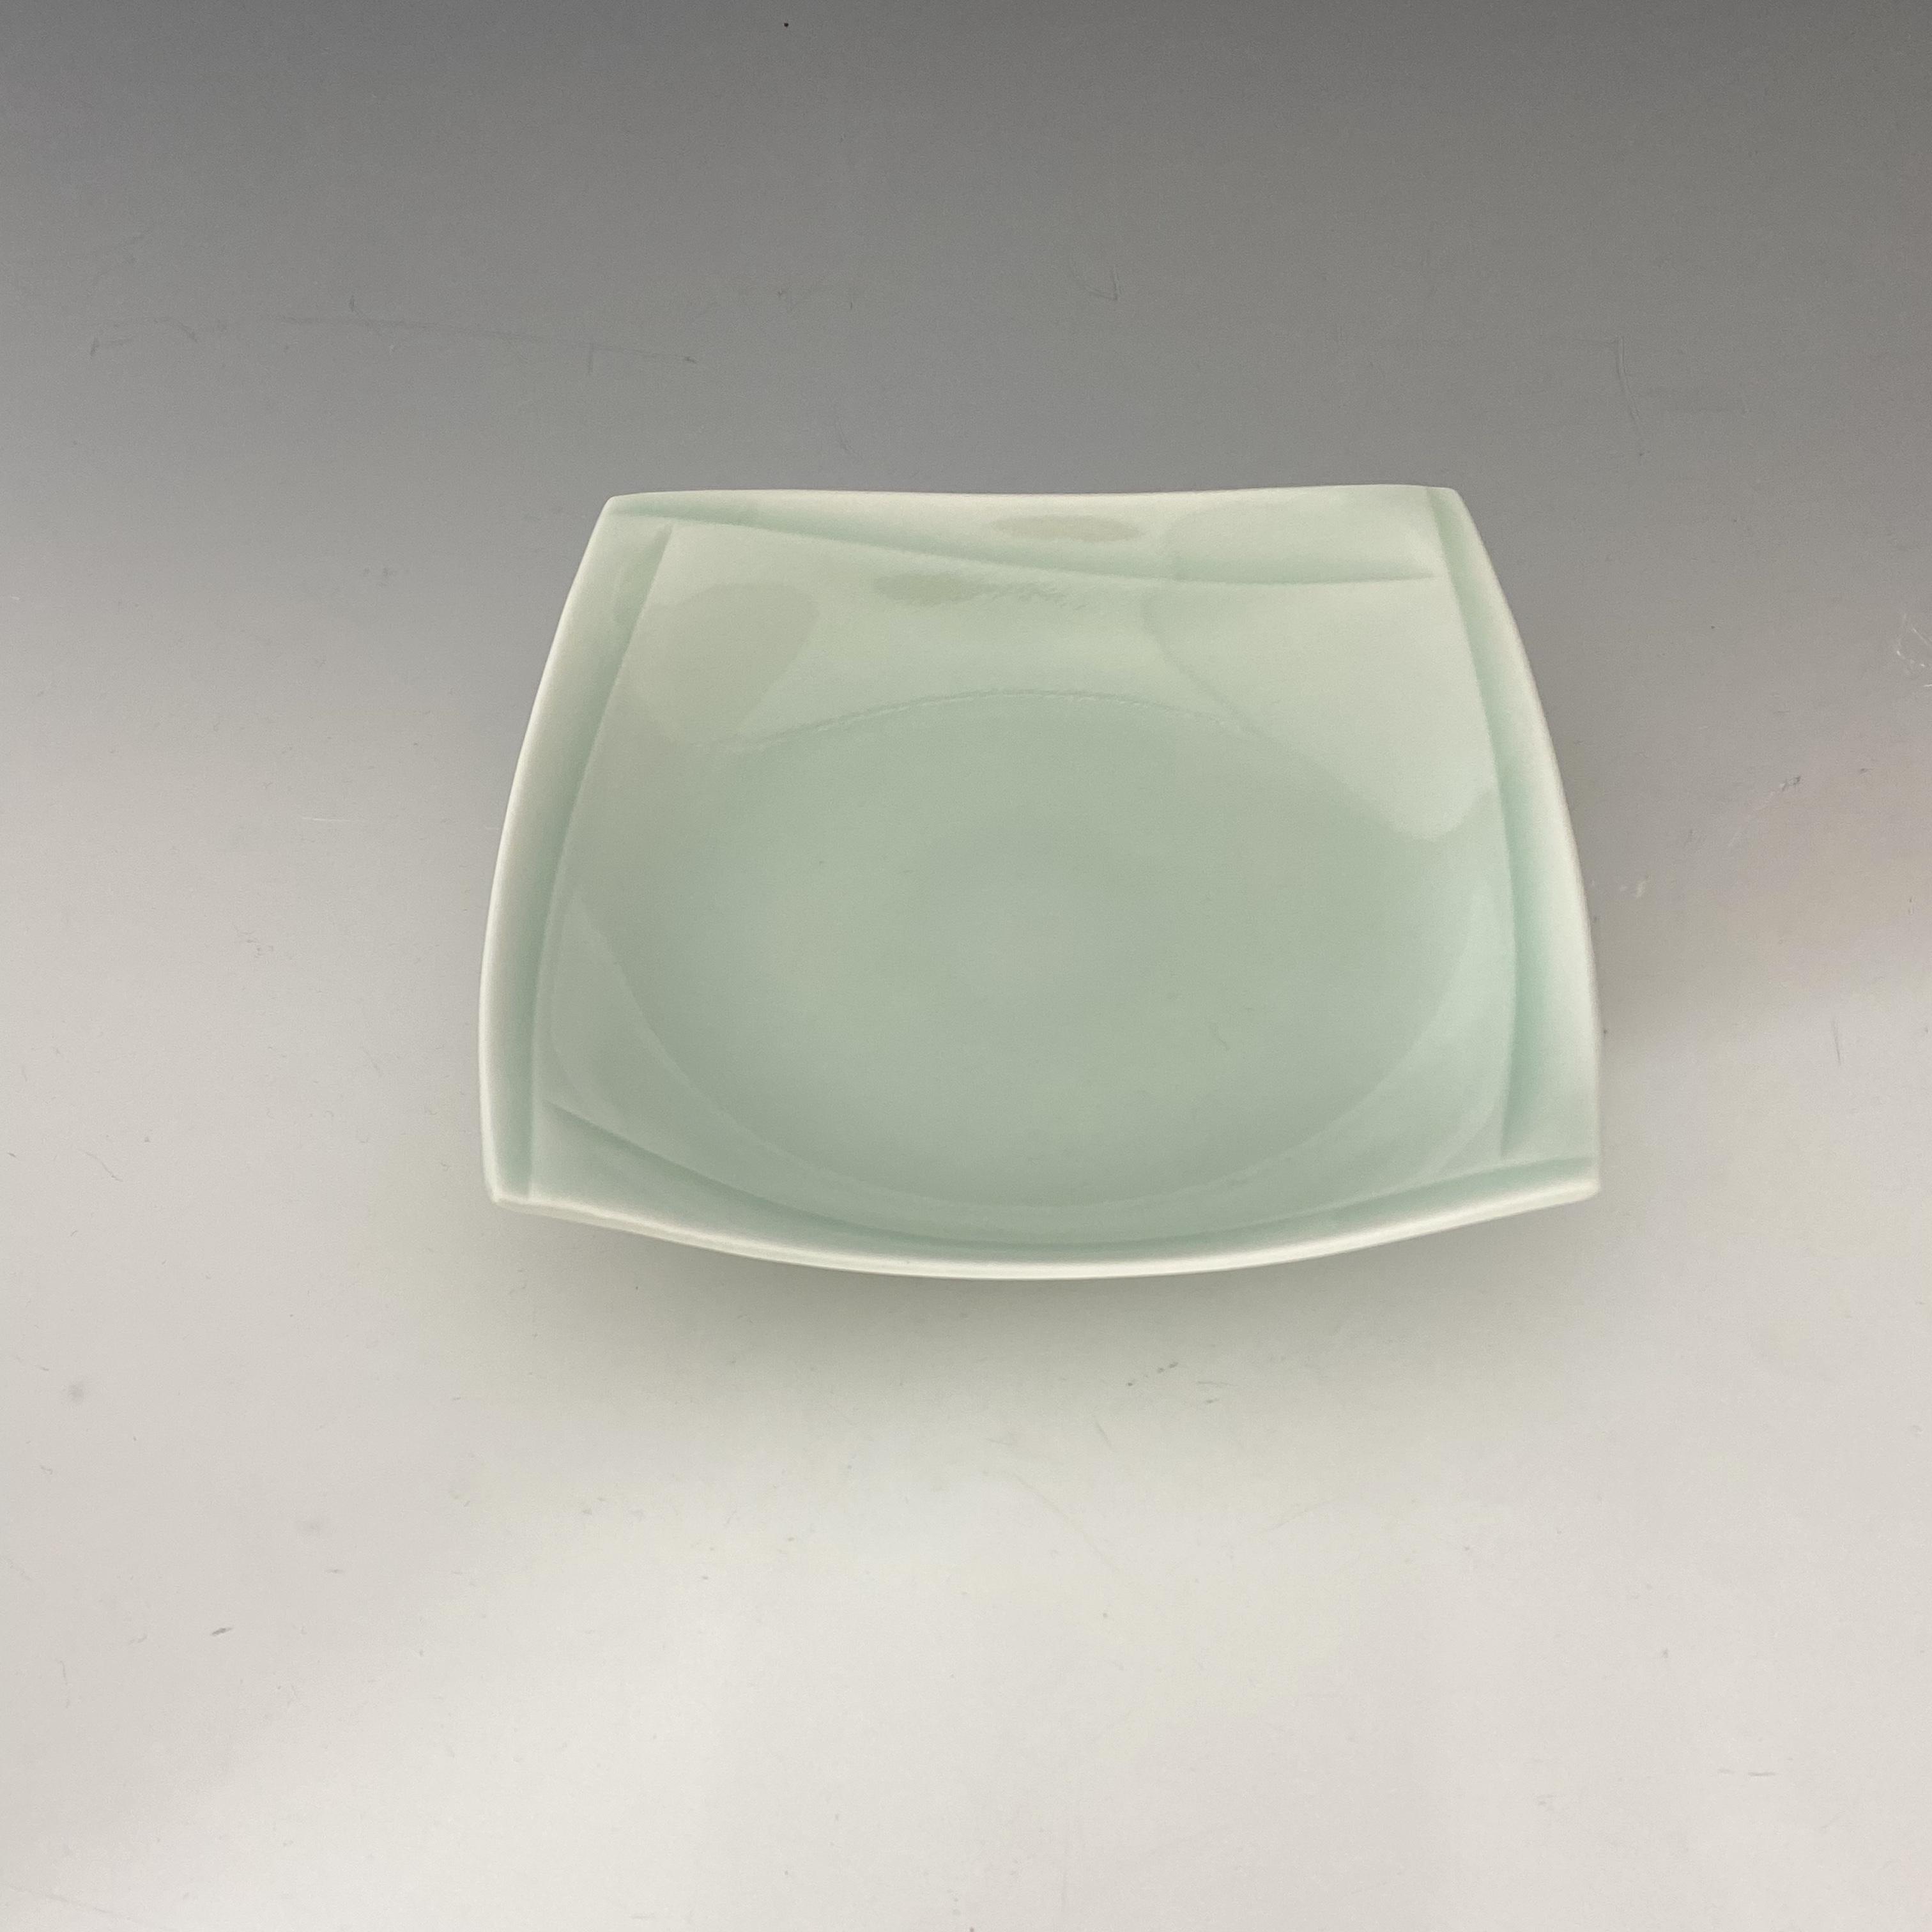 【中尾純】青白磁彫角皿